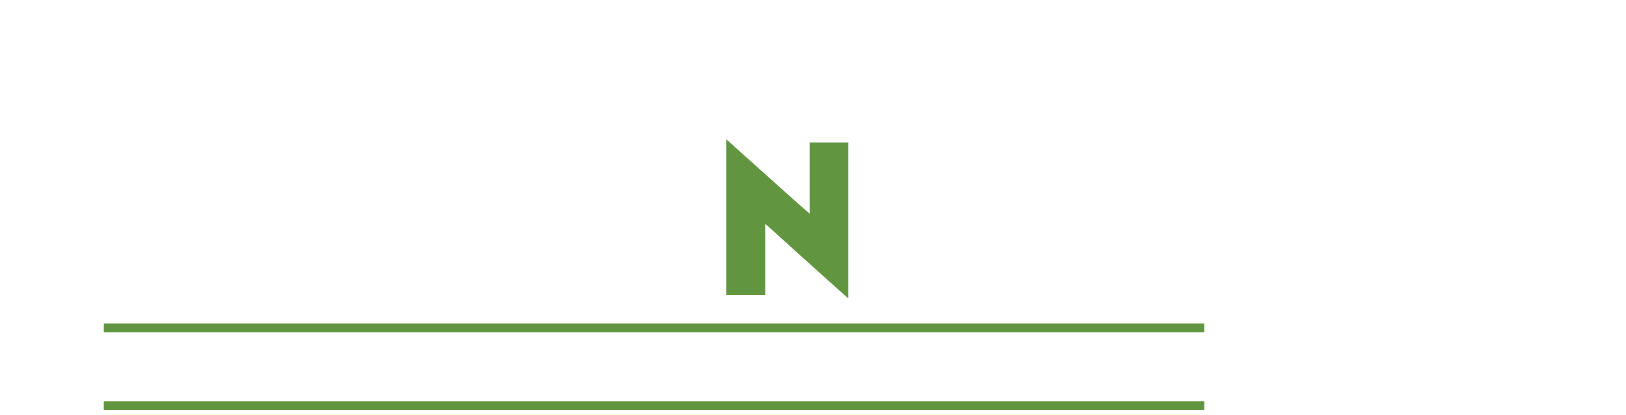 INCONEF – Instalación y control de energía y fluidos